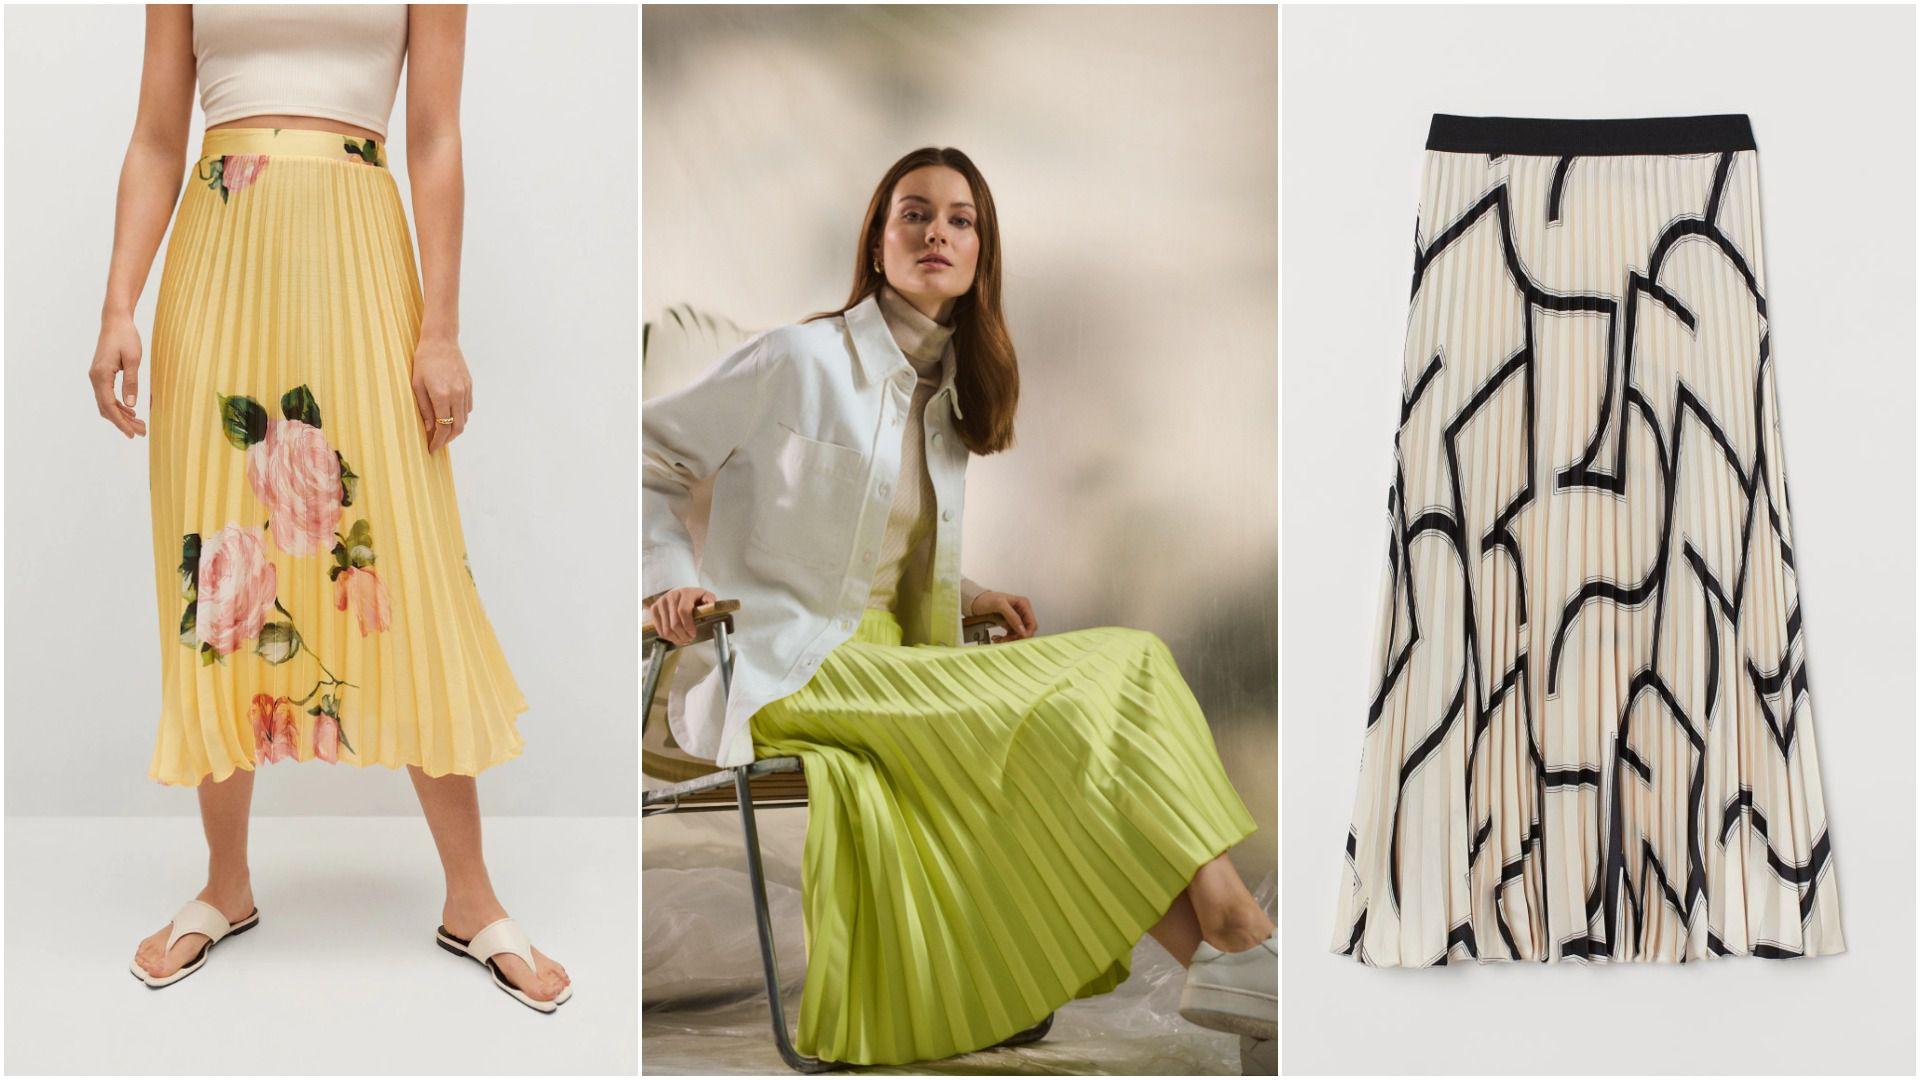 Plisirana suknja saveznik je za najelegantnije proljetne outfite: Izabrali smo modele za svaki stil